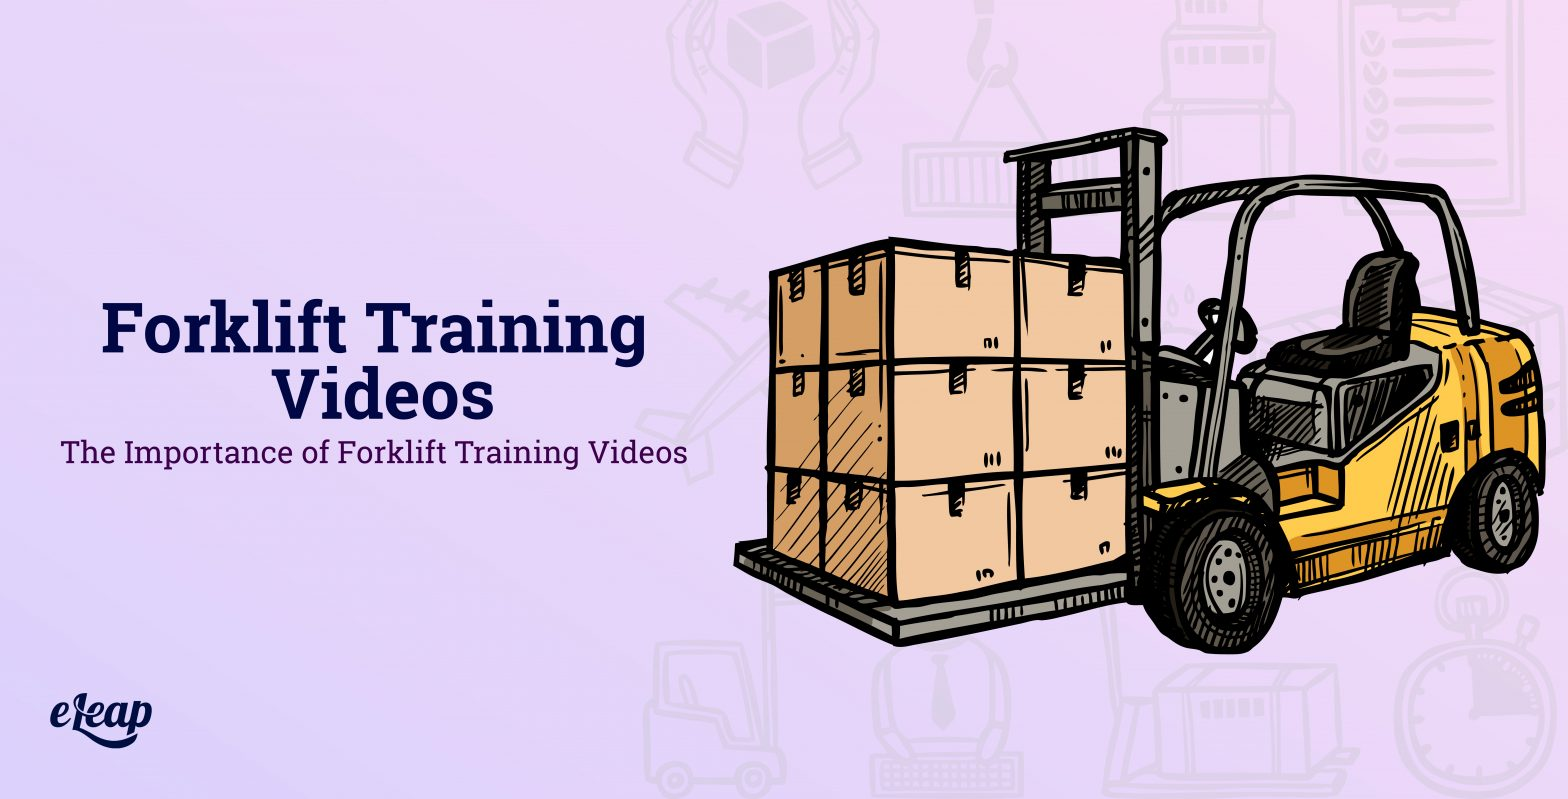 Forklift Training Videos